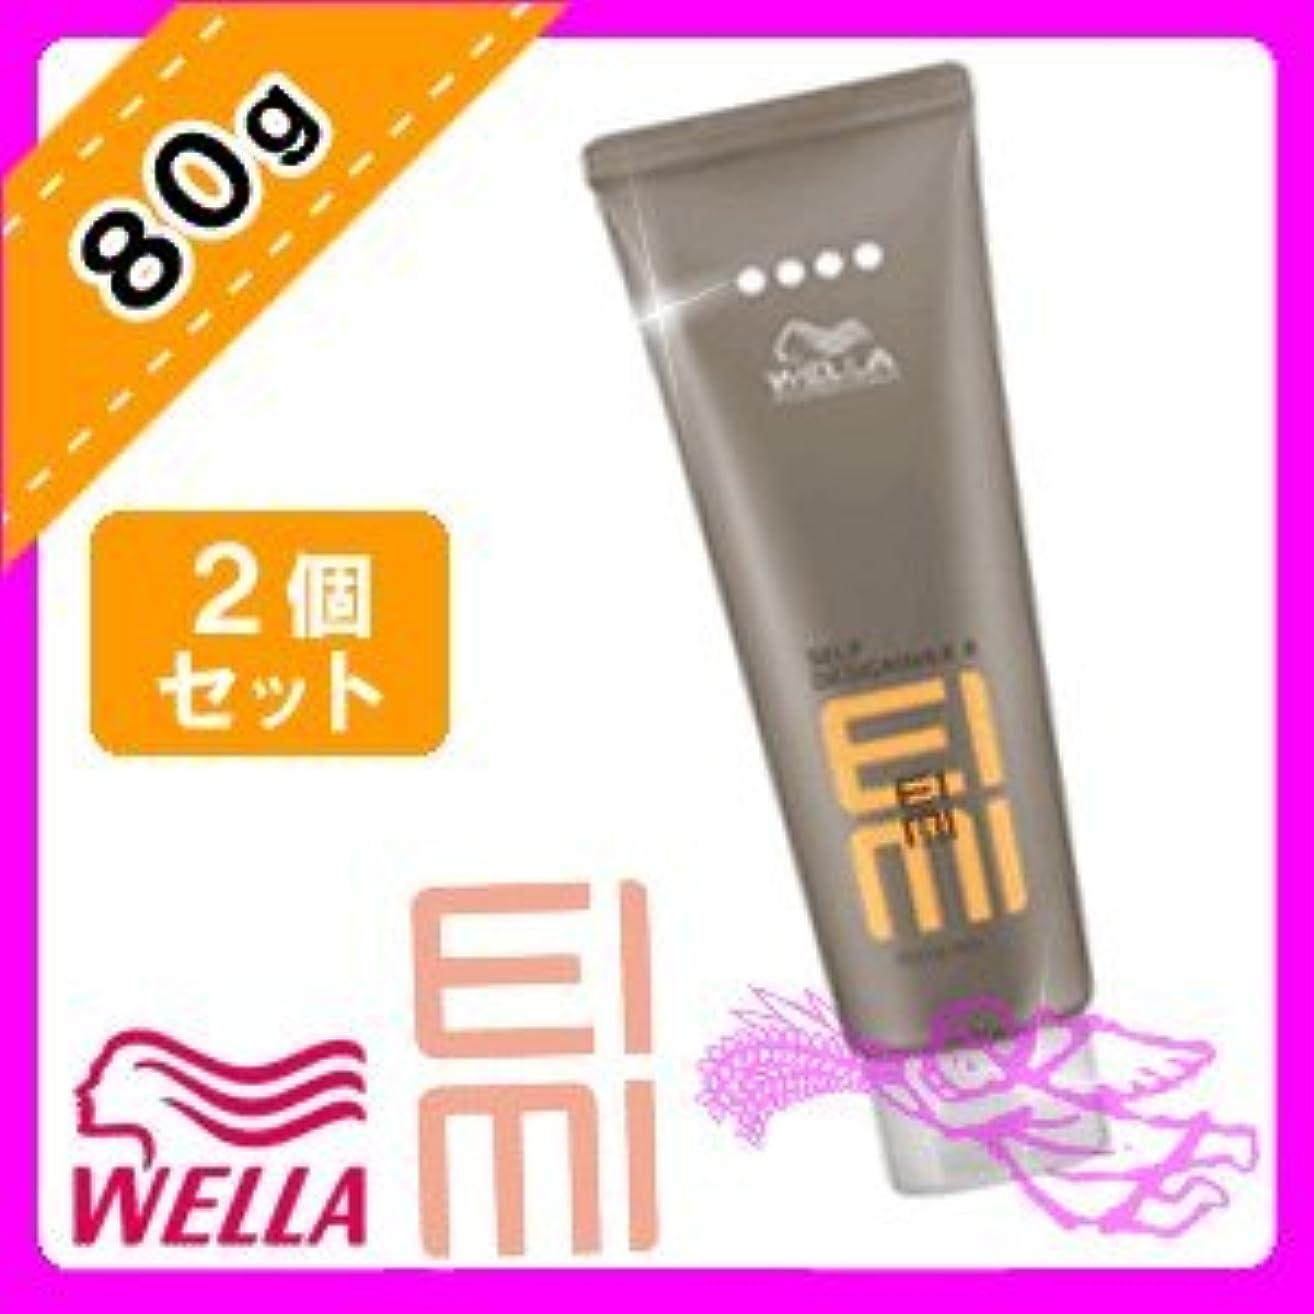 ウエラ EIMI(アイミィ) セルフデザインワックス4 80g ×2個 セット WELLA P&G